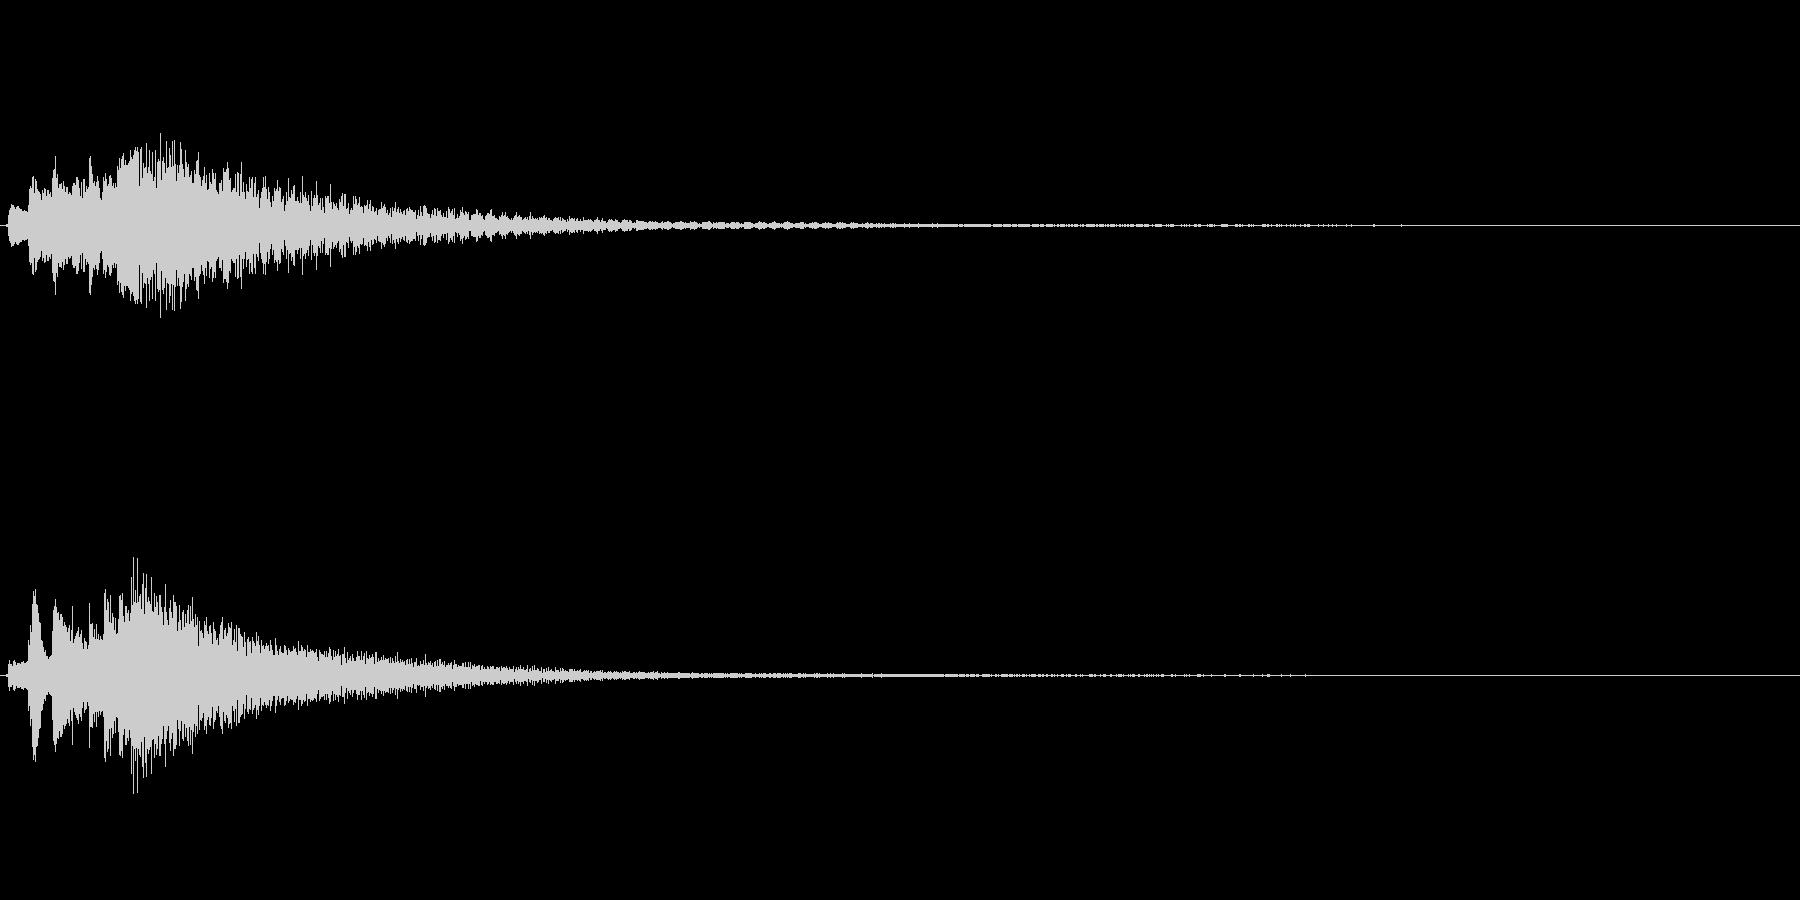 琴、陰施法、下降スケールジングルの未再生の波形